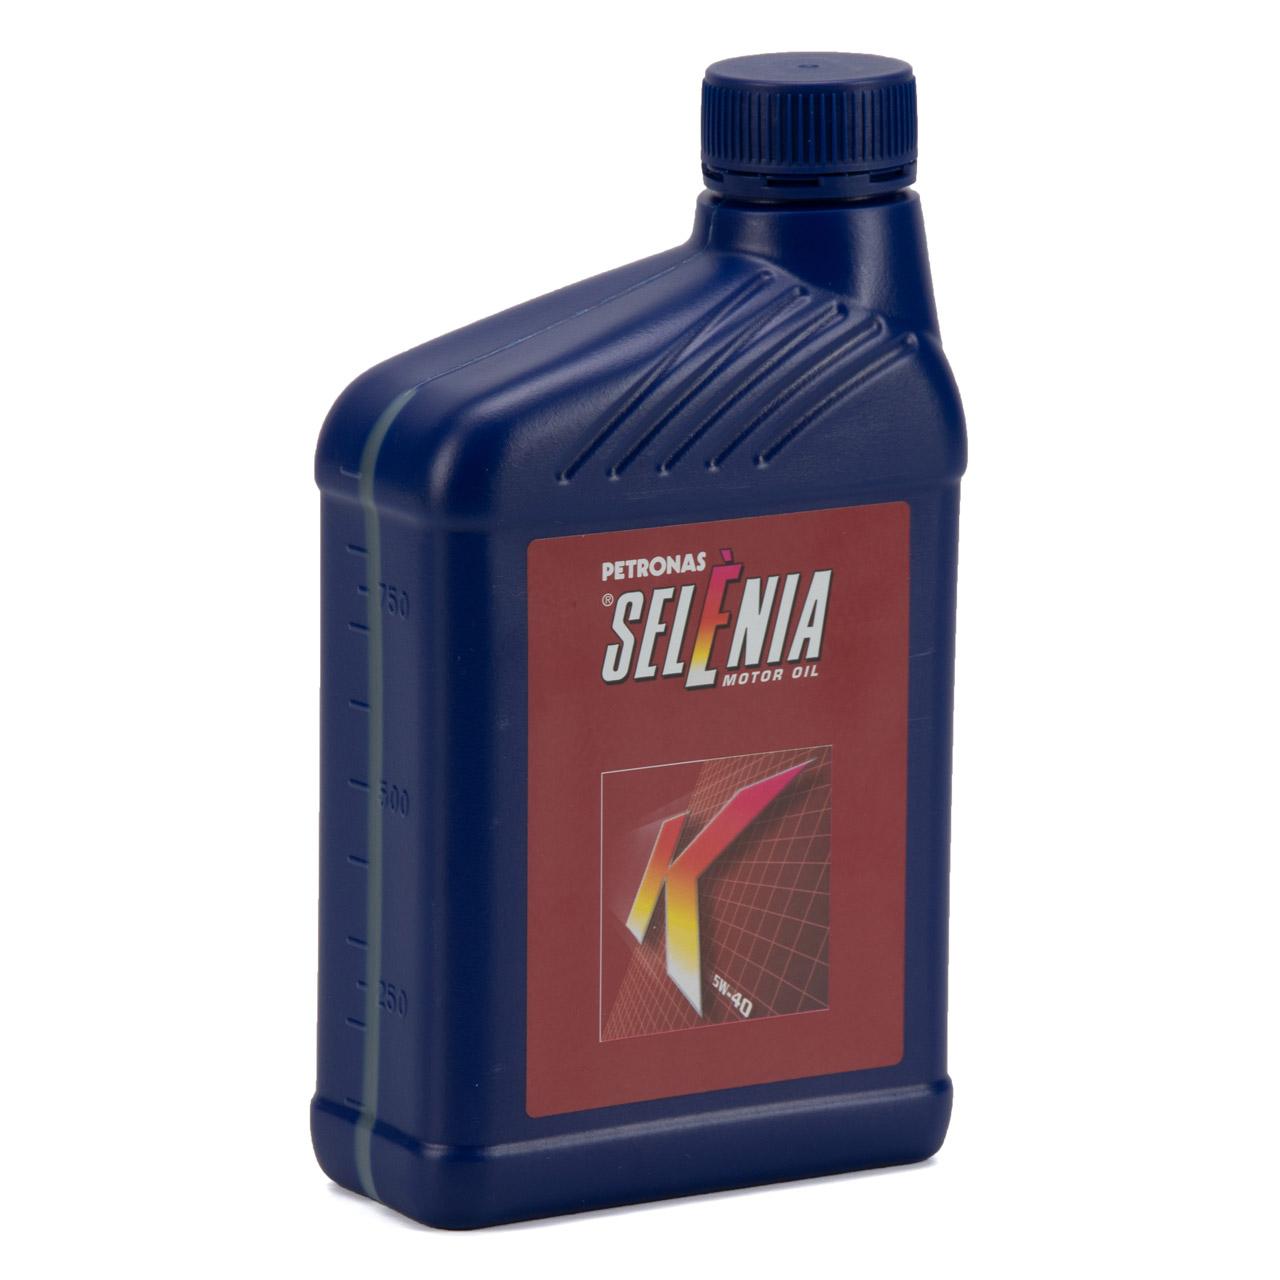 PETRONAS SELENIA Motoröl Öl K 5W40 5W-40 MB 229.3 Fiat 9.55535-M2 - 1 Liter